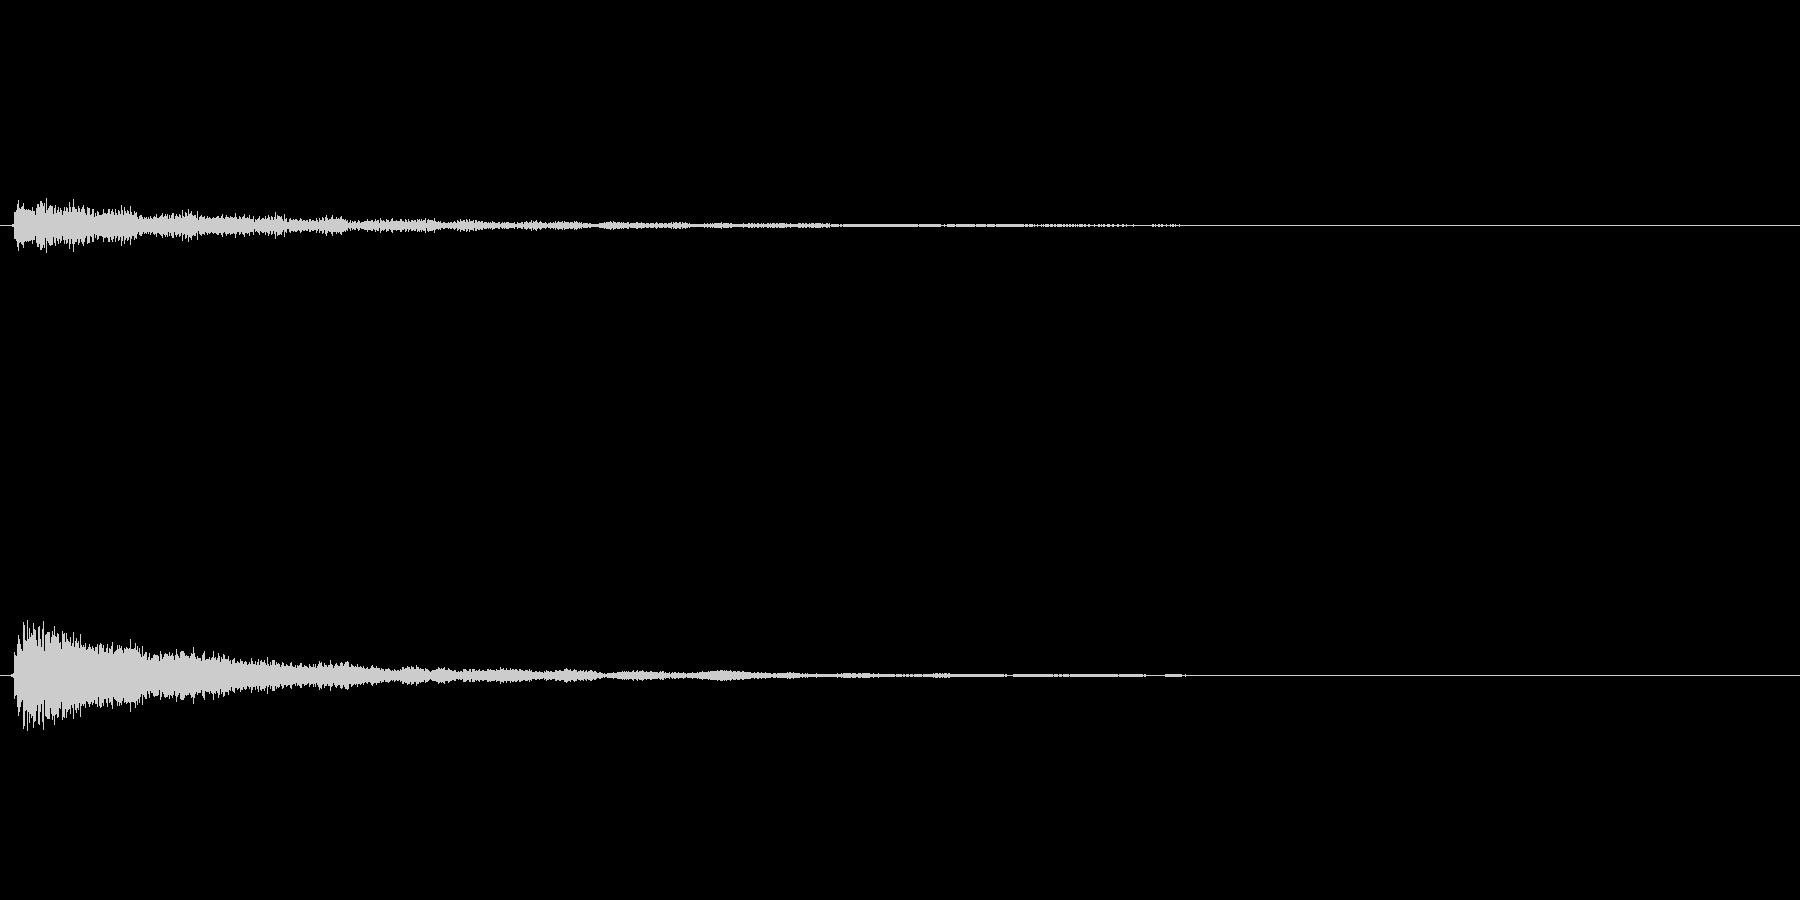 サウンドロゴ(企業ロゴ)_015の未再生の波形